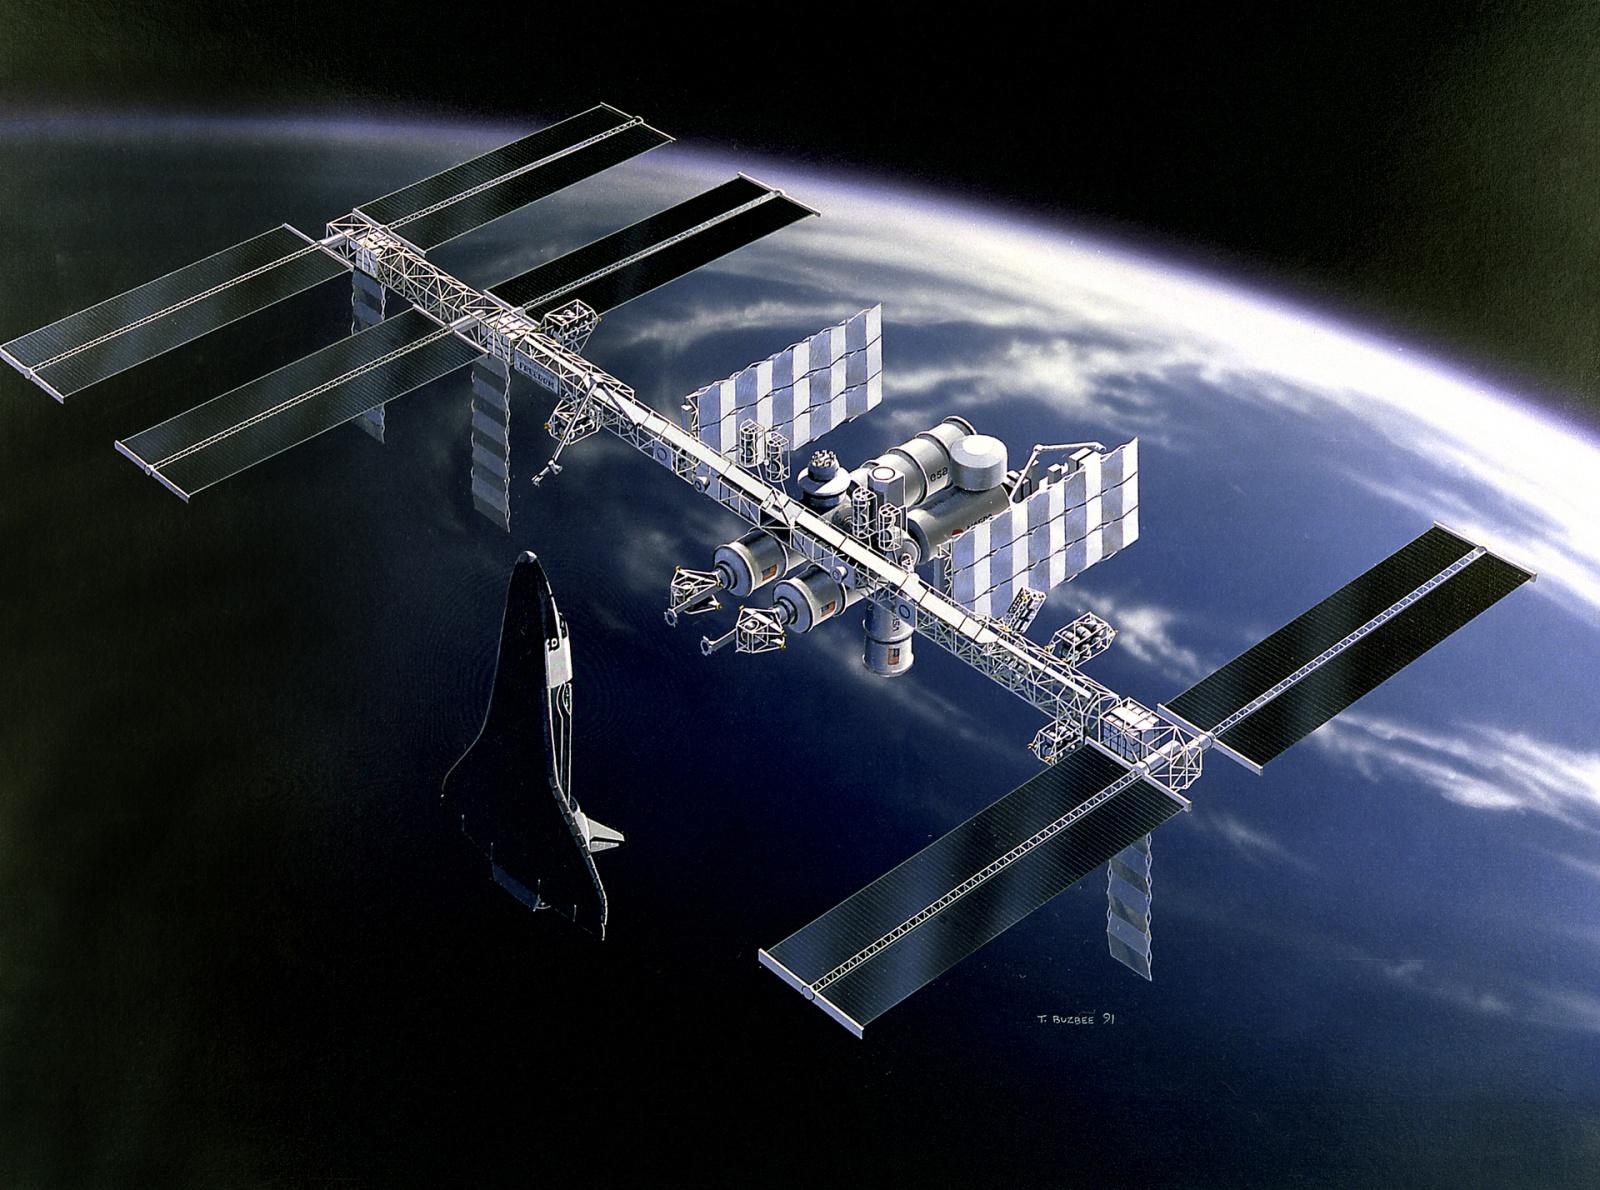 НАСА и история непостоянства задач агентства - 6